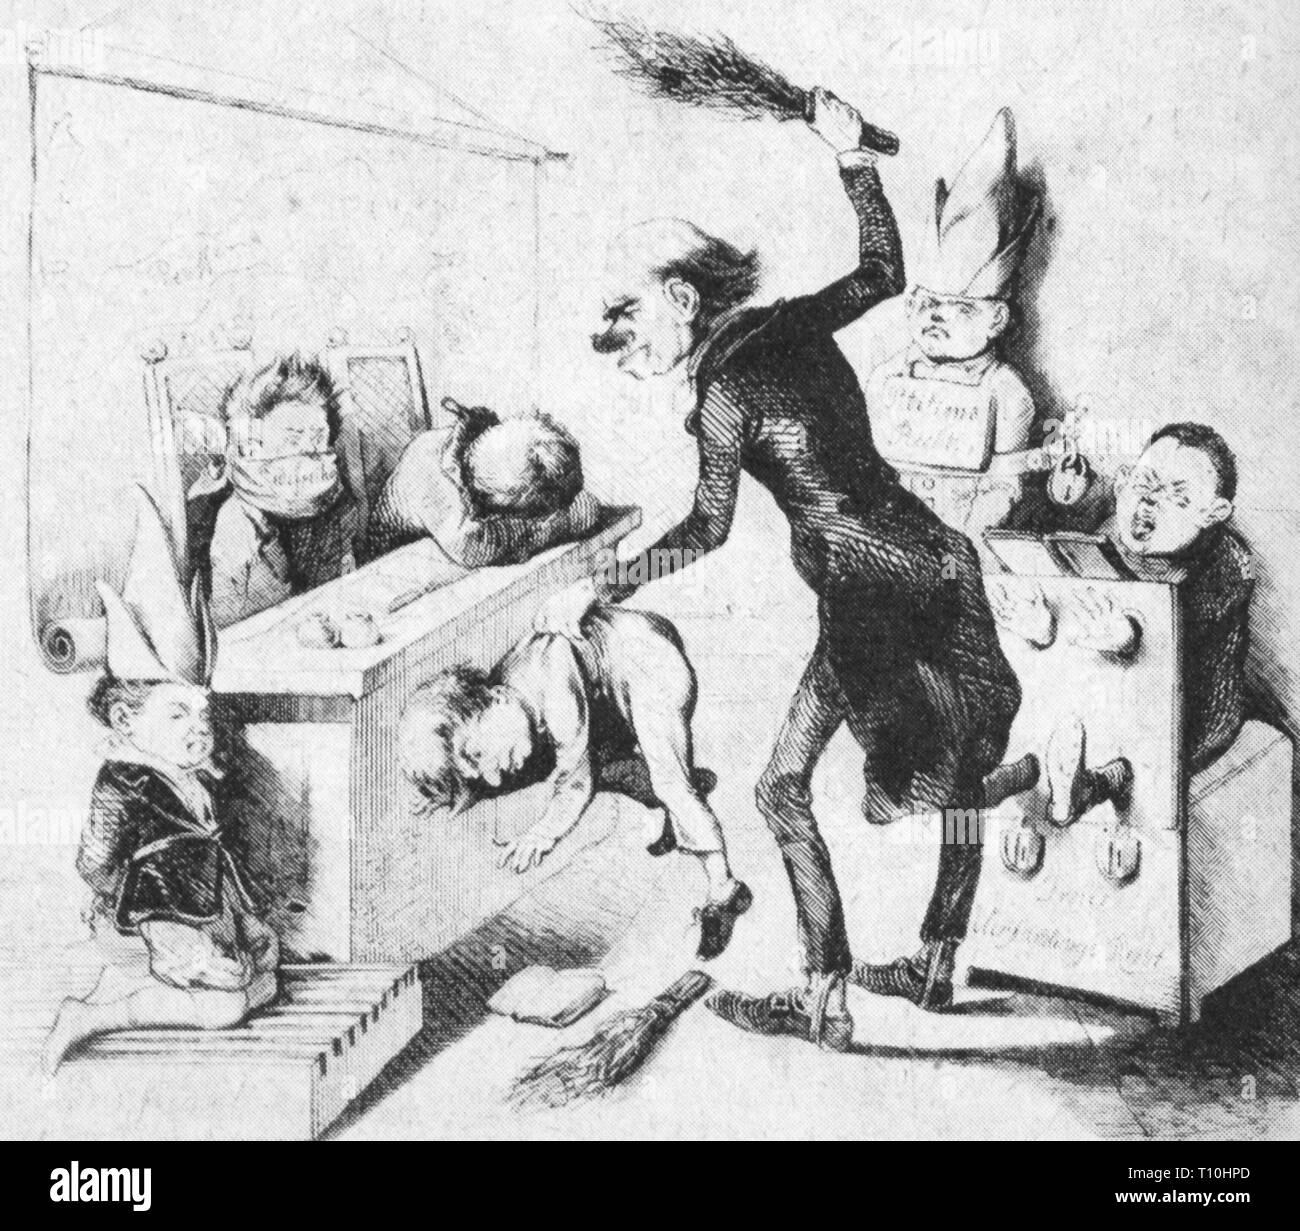 """Veranstaltungen, Revolutionen 1848 - 1849, Deutschland, 'Die unartigen Kinder"""" (Die freche Kinder), Zeichnung, 1849, Artist's Urheberrecht nicht gelöscht werden Stockbild"""